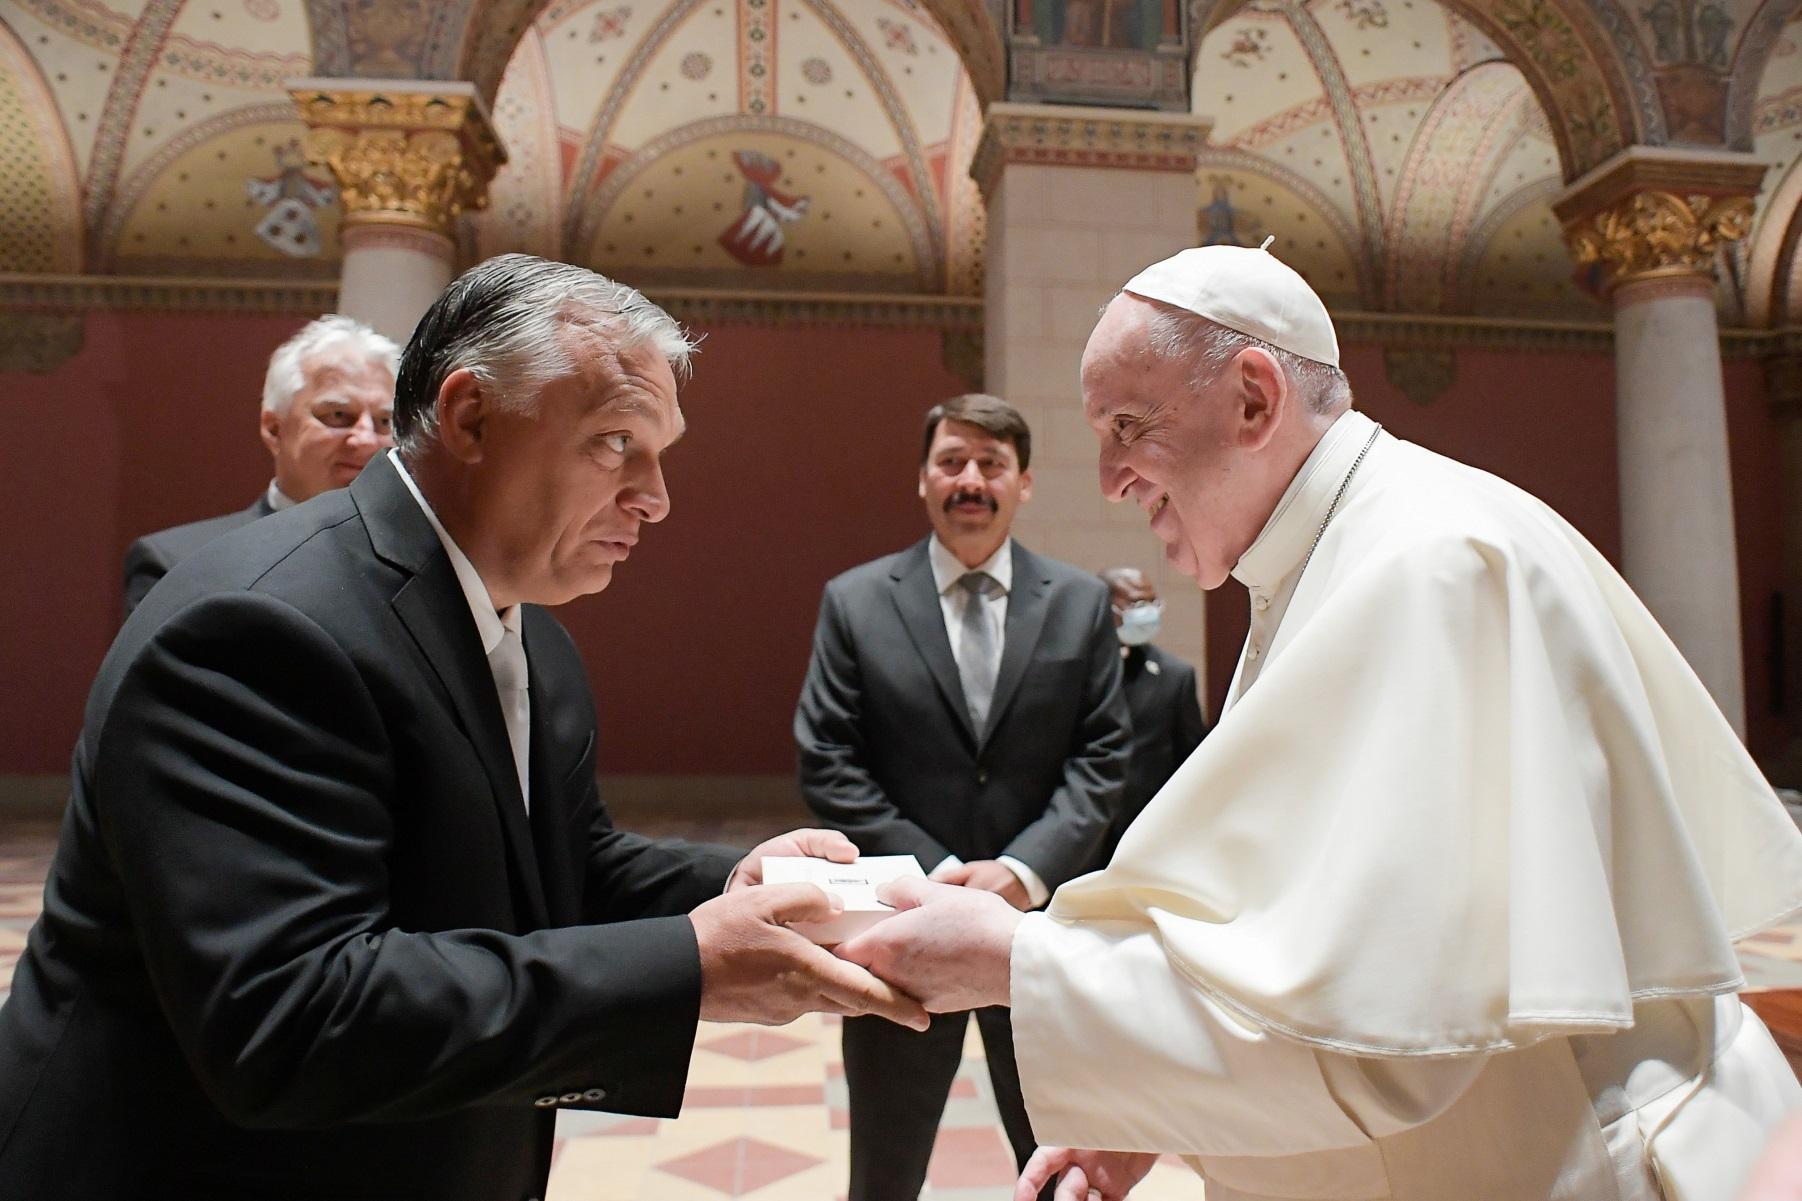 Πάπας Φραγκίσκος – Βίκτορ Όρμπαν: Χάσμα απόψεων στις συνομιλίες της Βουδαπέστης